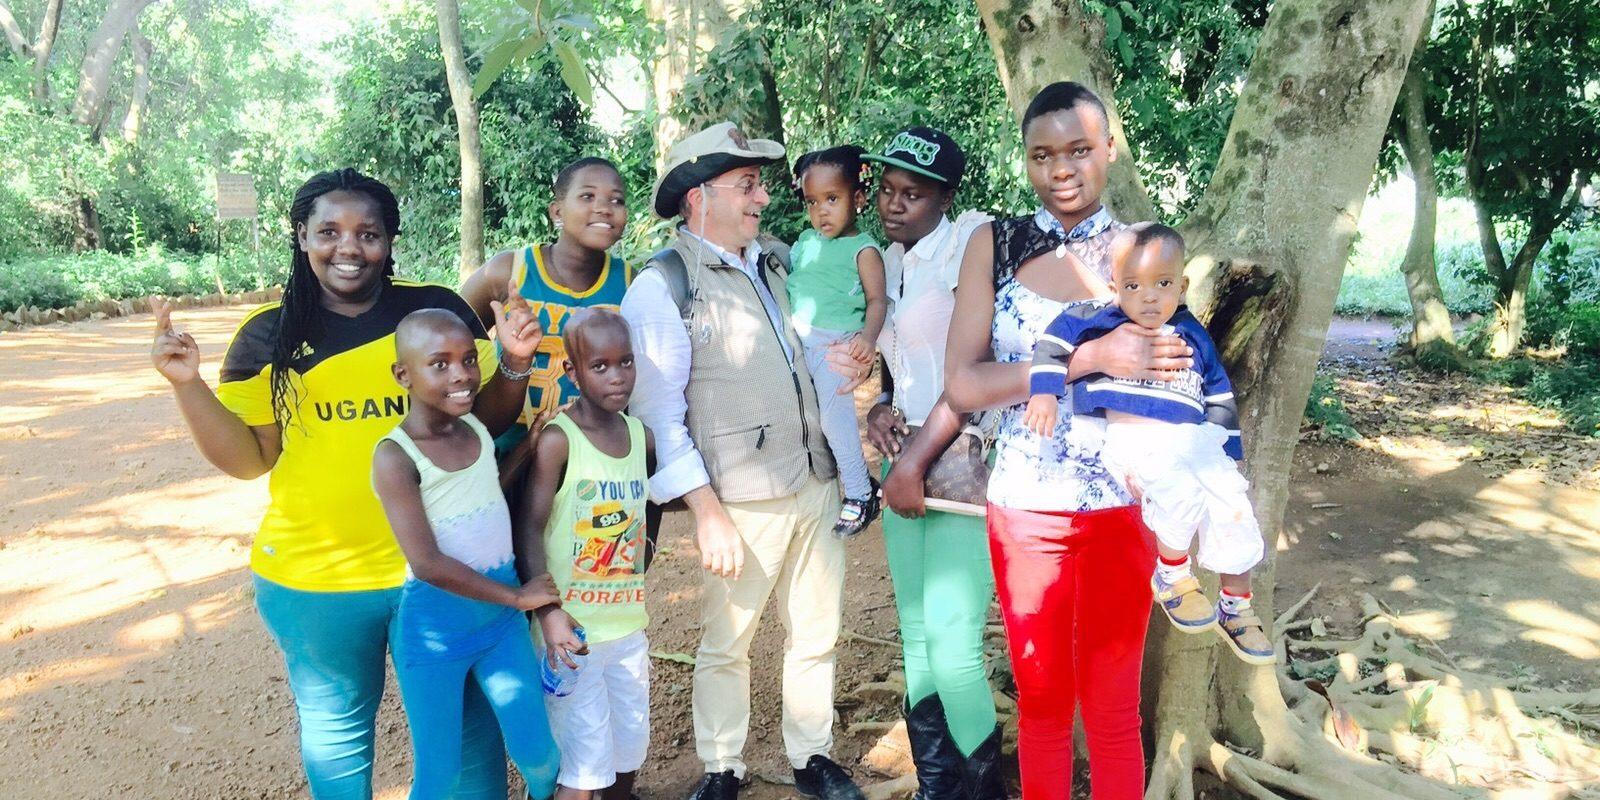 """Impegno umanitario<br><span style=""""font-size:80%"""">Formazione di medici in Uganda</span>"""